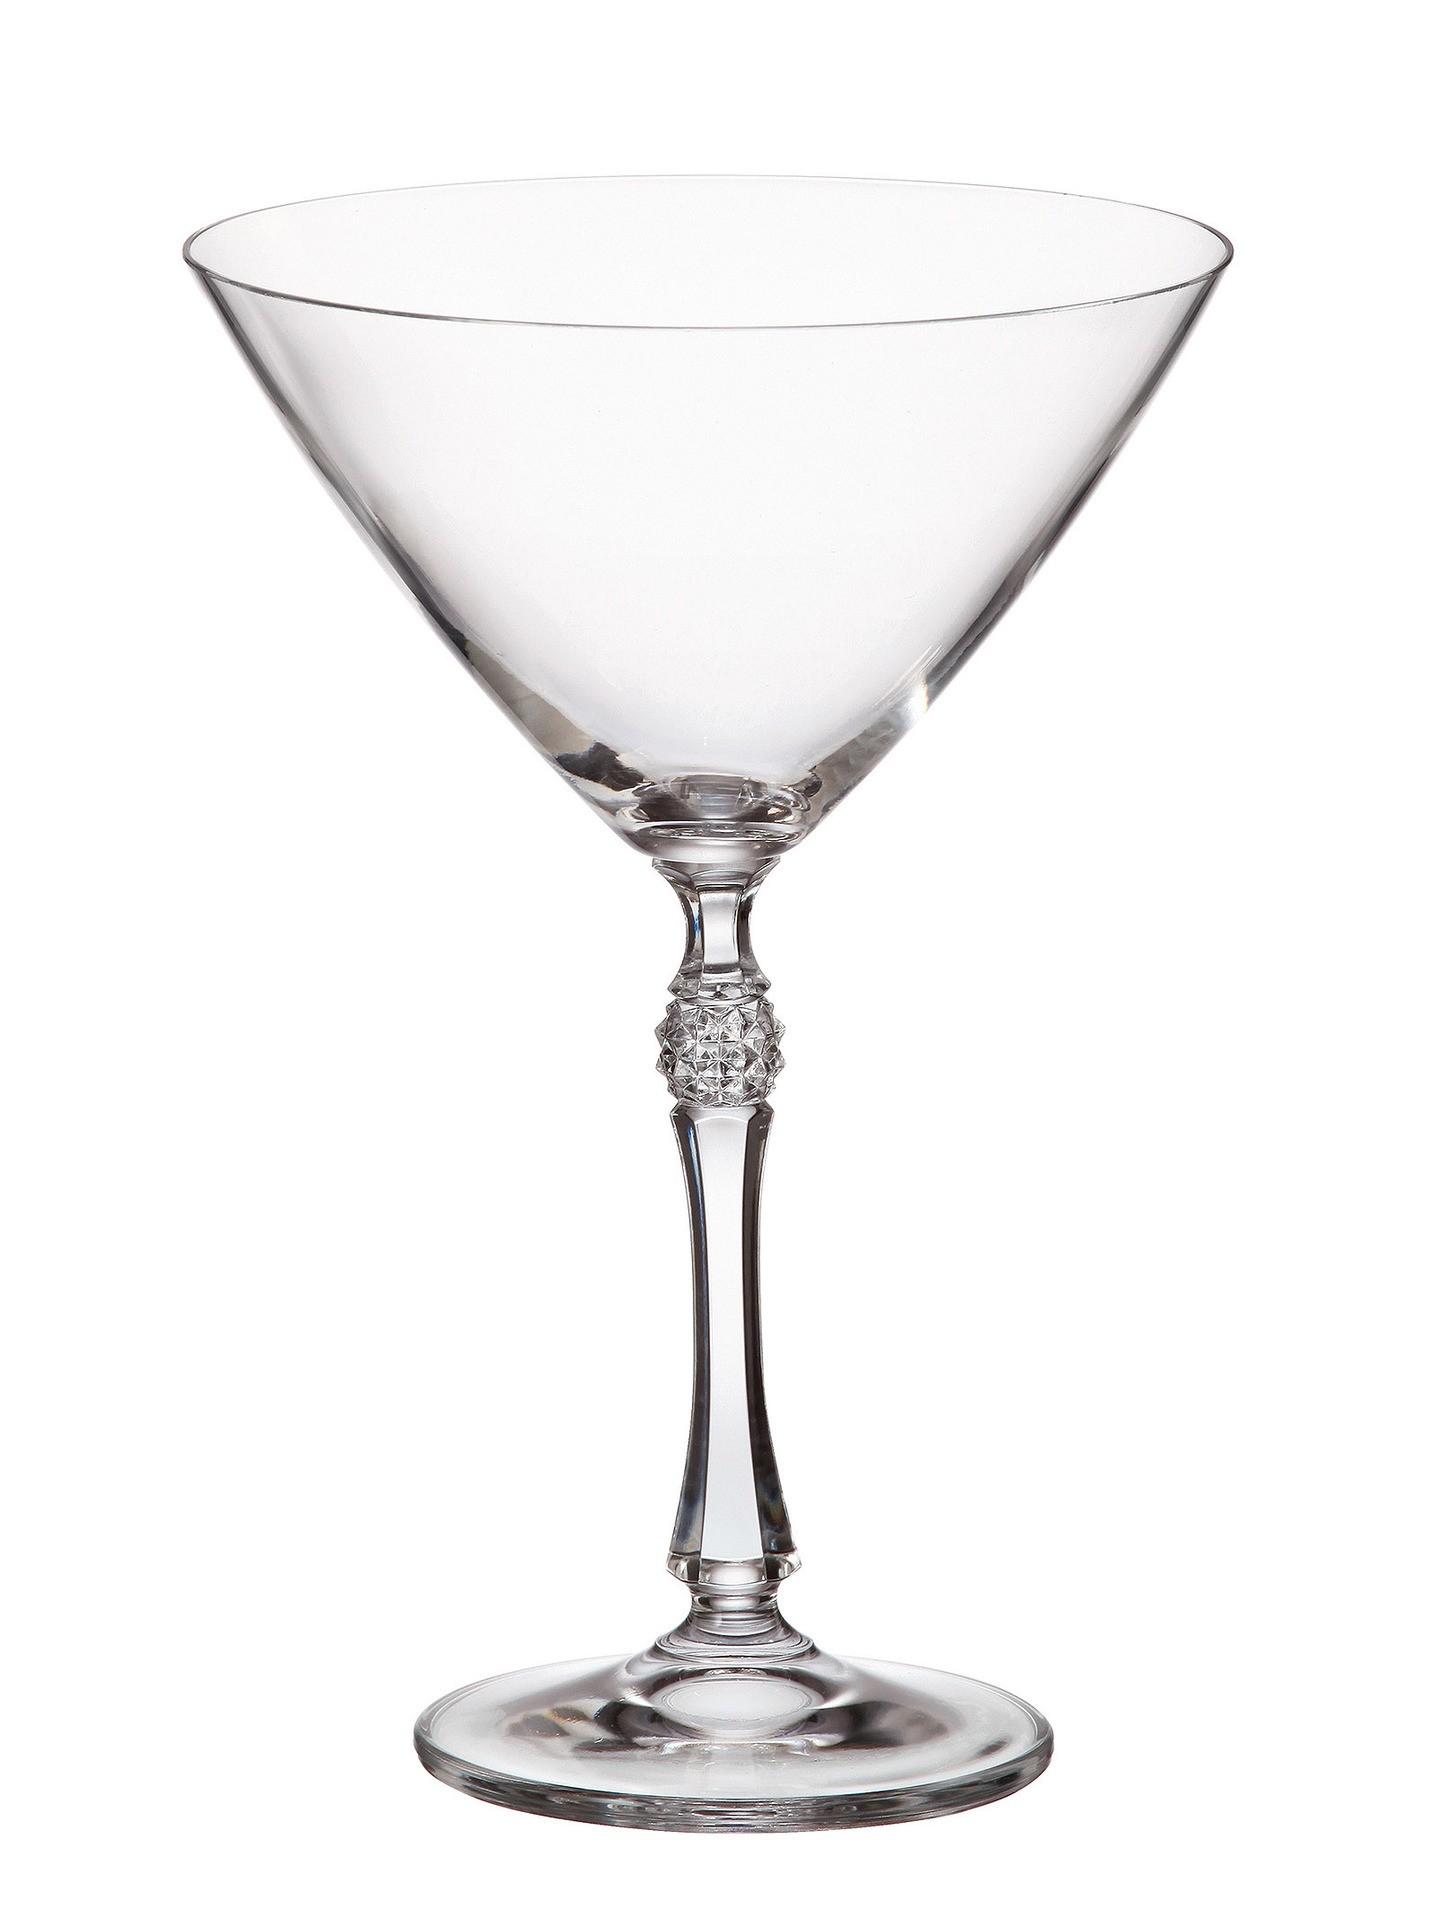 Ποτήρι Martini Σετ 6 Τμχ Κρυστάλλινο Bohemia Proxima 280ml home   ειδη σερβιρισματος   ποτήρια   kρυστάλλινα